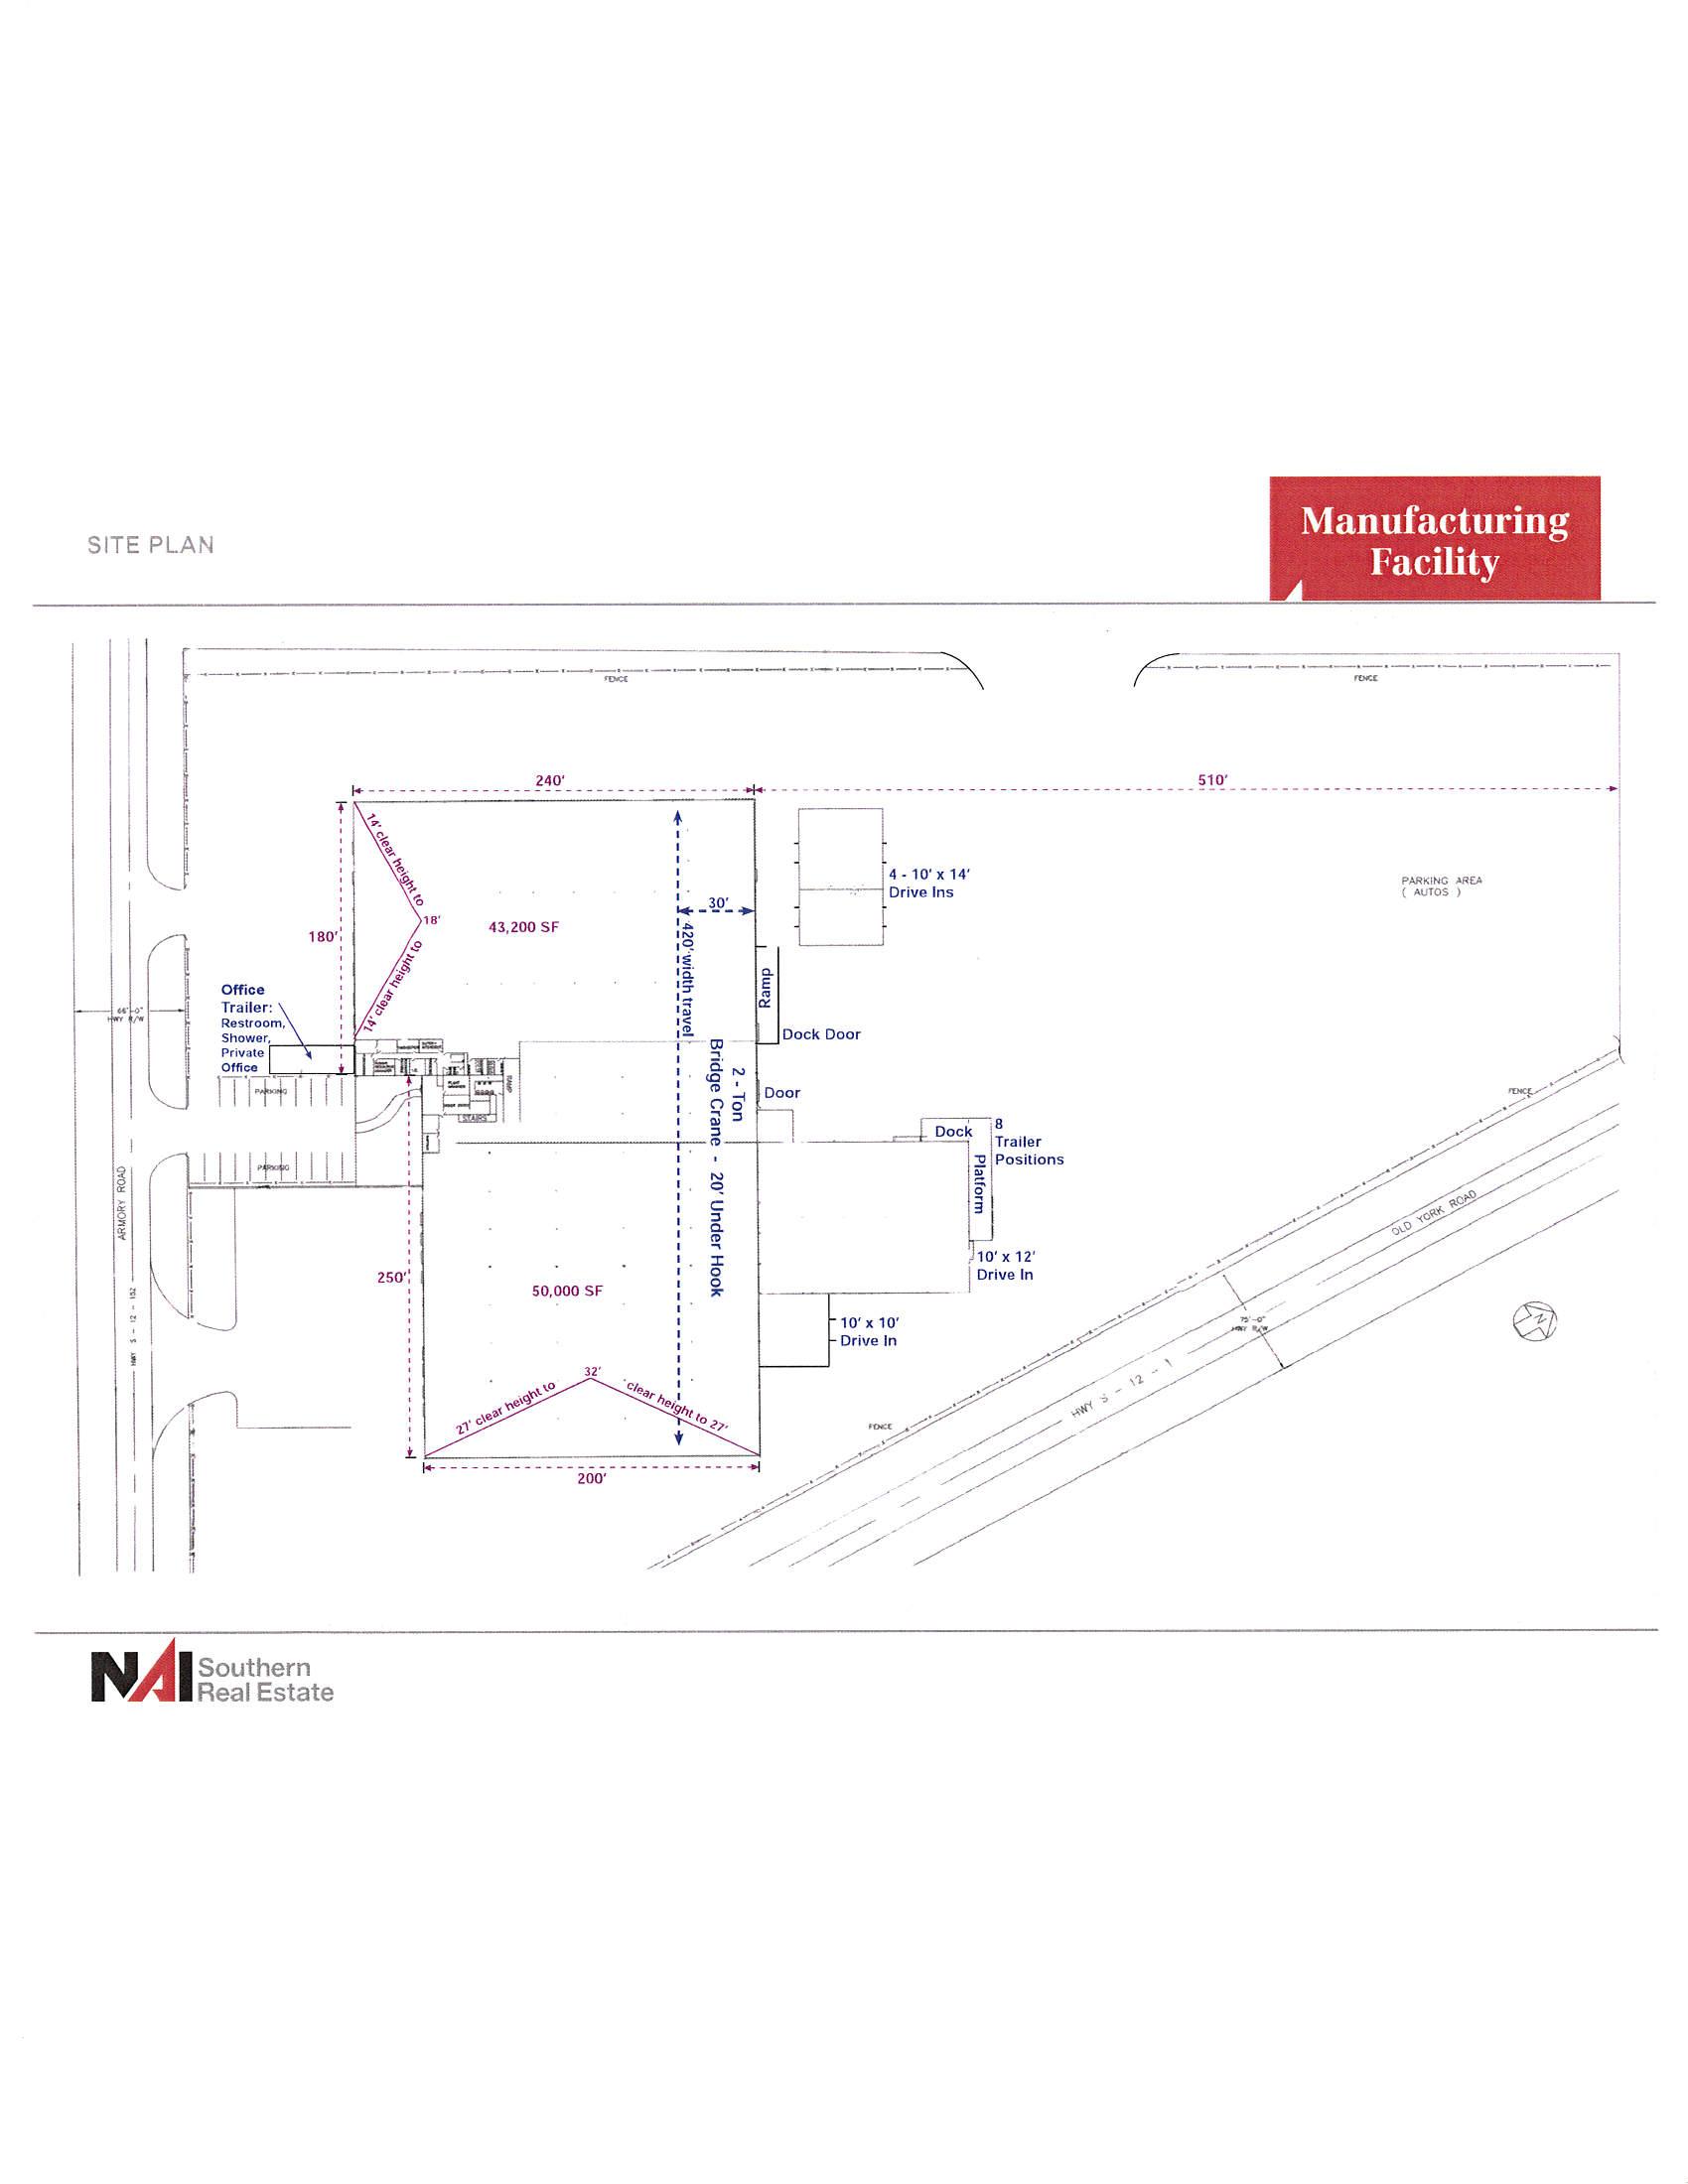 Lippert Components | I-77 Alliance